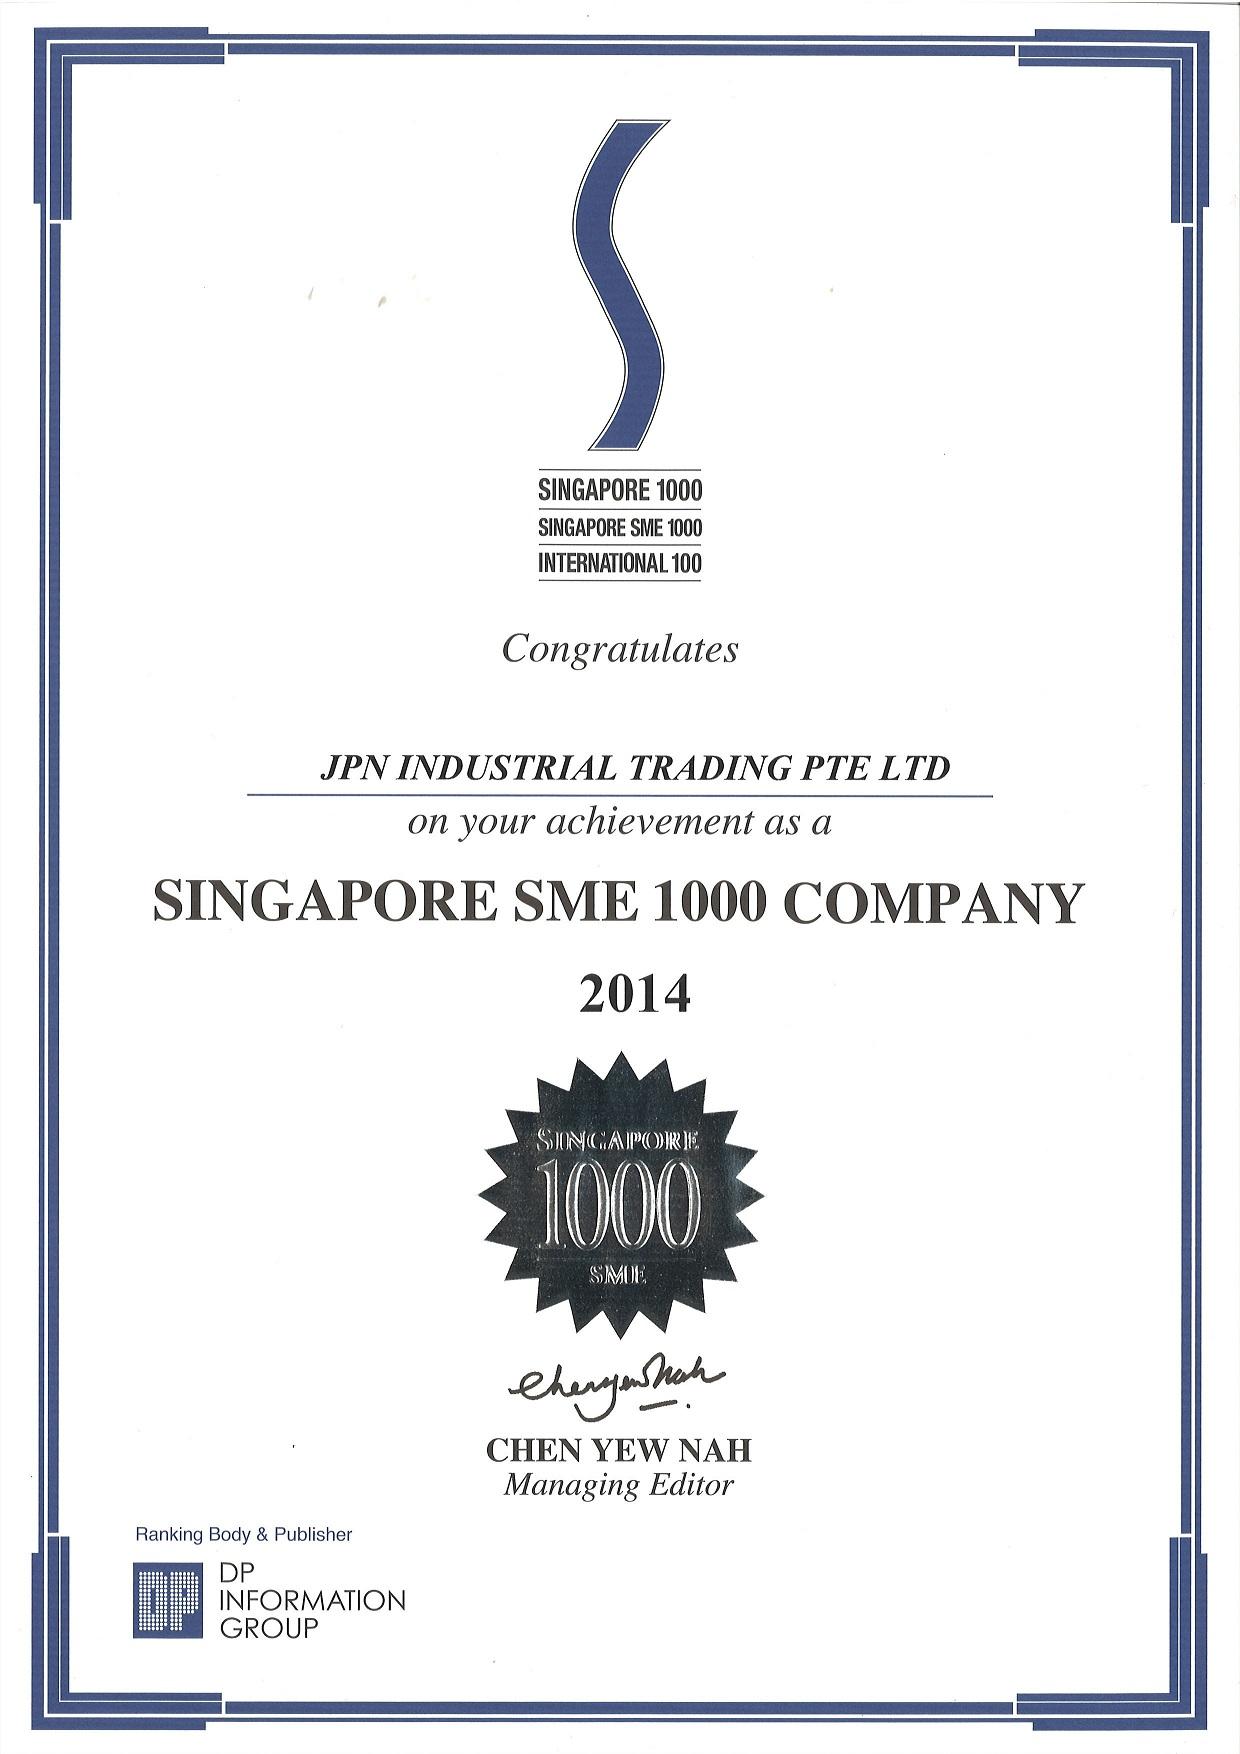 2014-SPORE-SME-1000